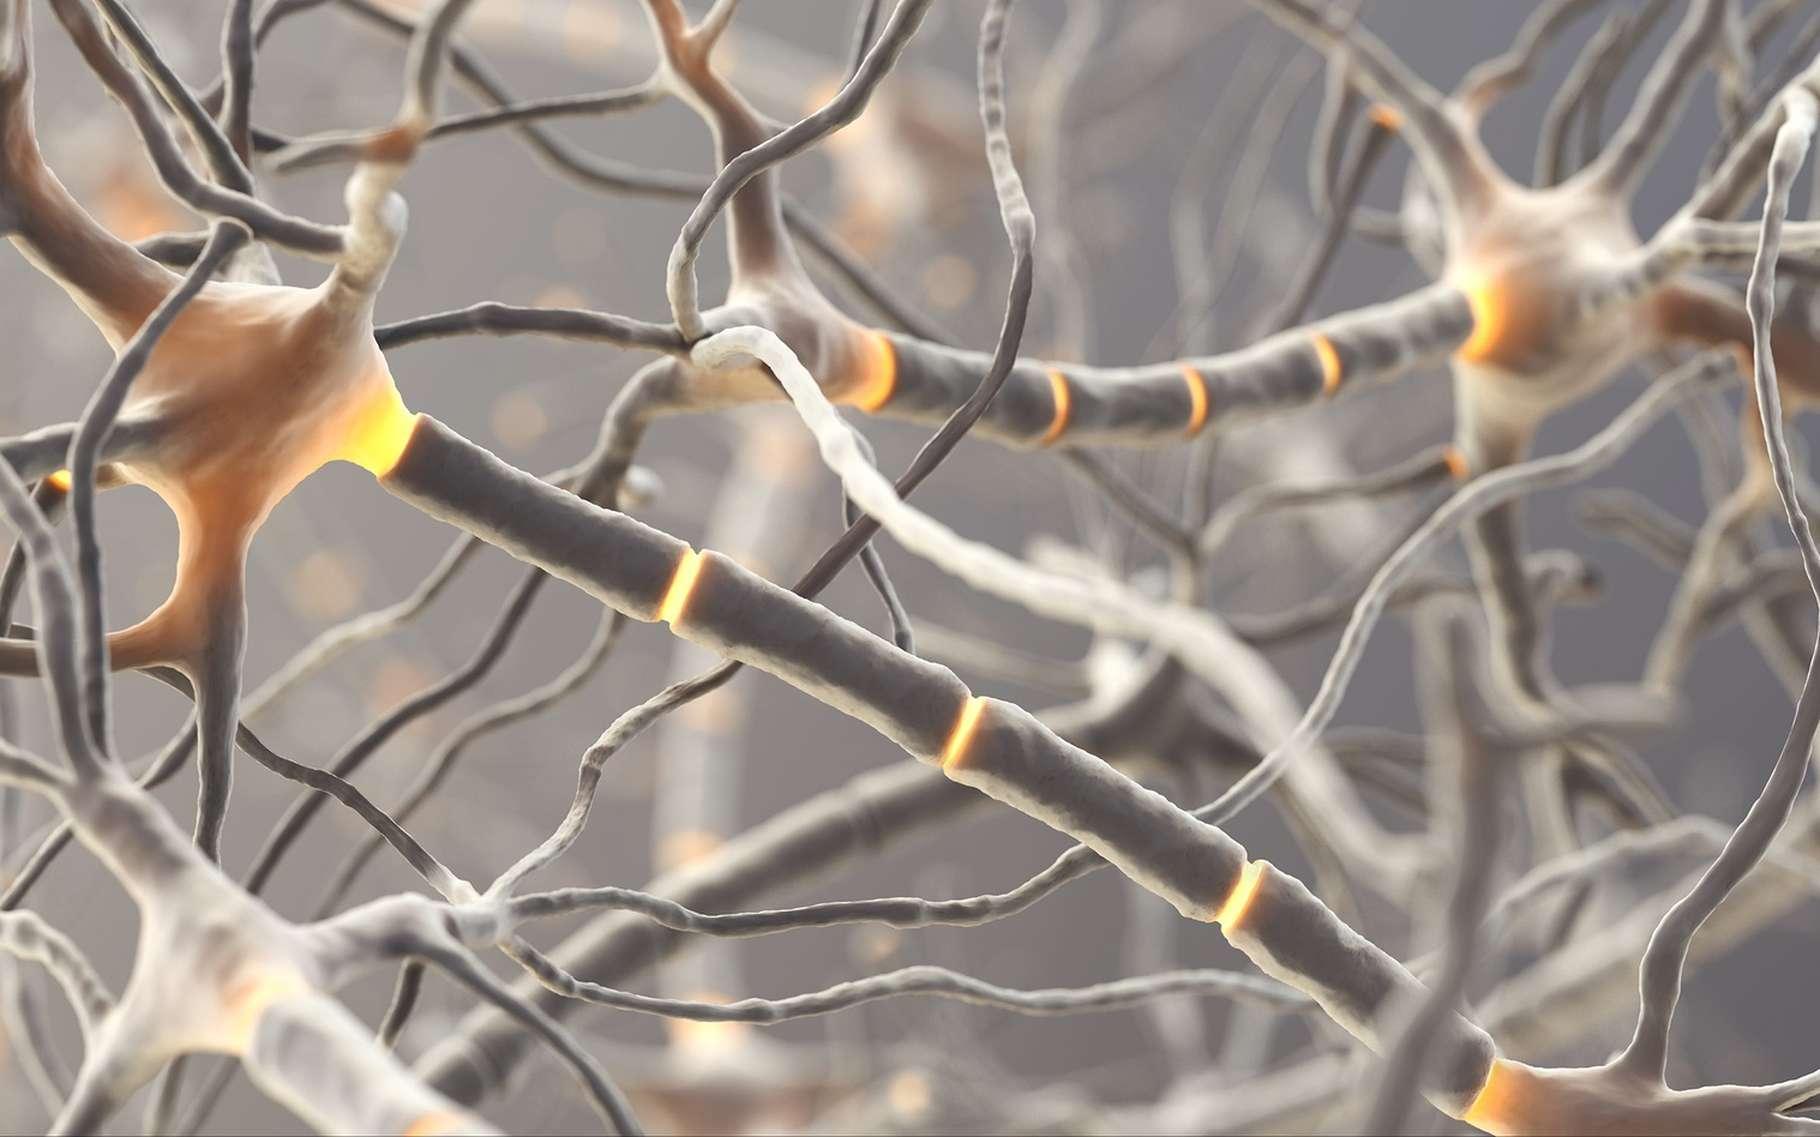 Le neurone miroir est actif lorsque l'individu fait un geste particulier ou s'il voit quelqu'un faire ce même geste. © martynowi.cz, Shutterstock